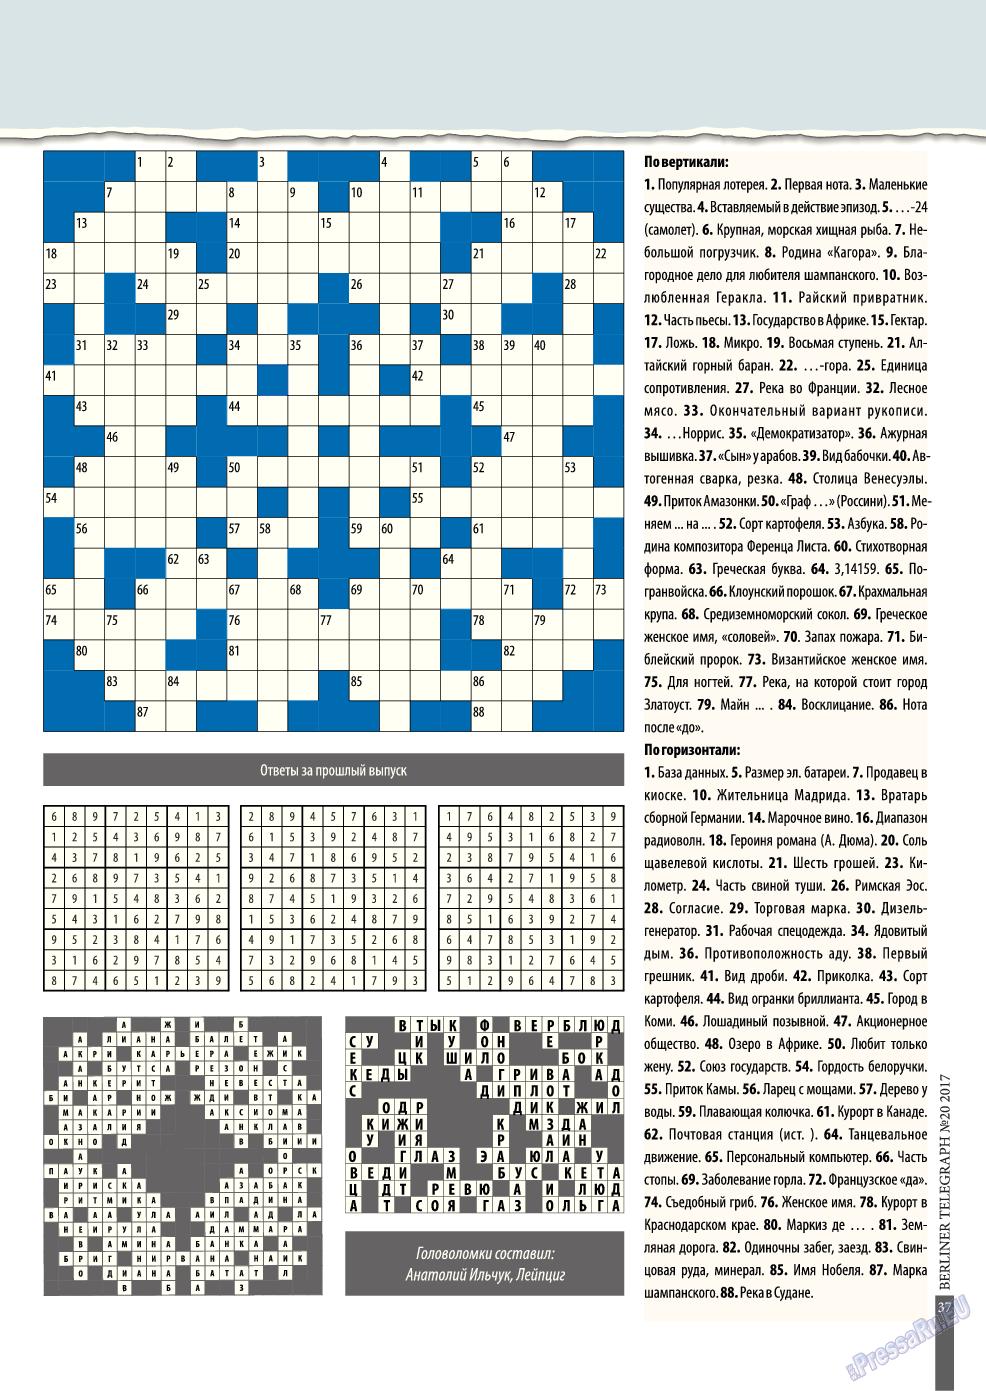 Берлинский телеграф (журнал). 2017 год, номер 20, стр. 37